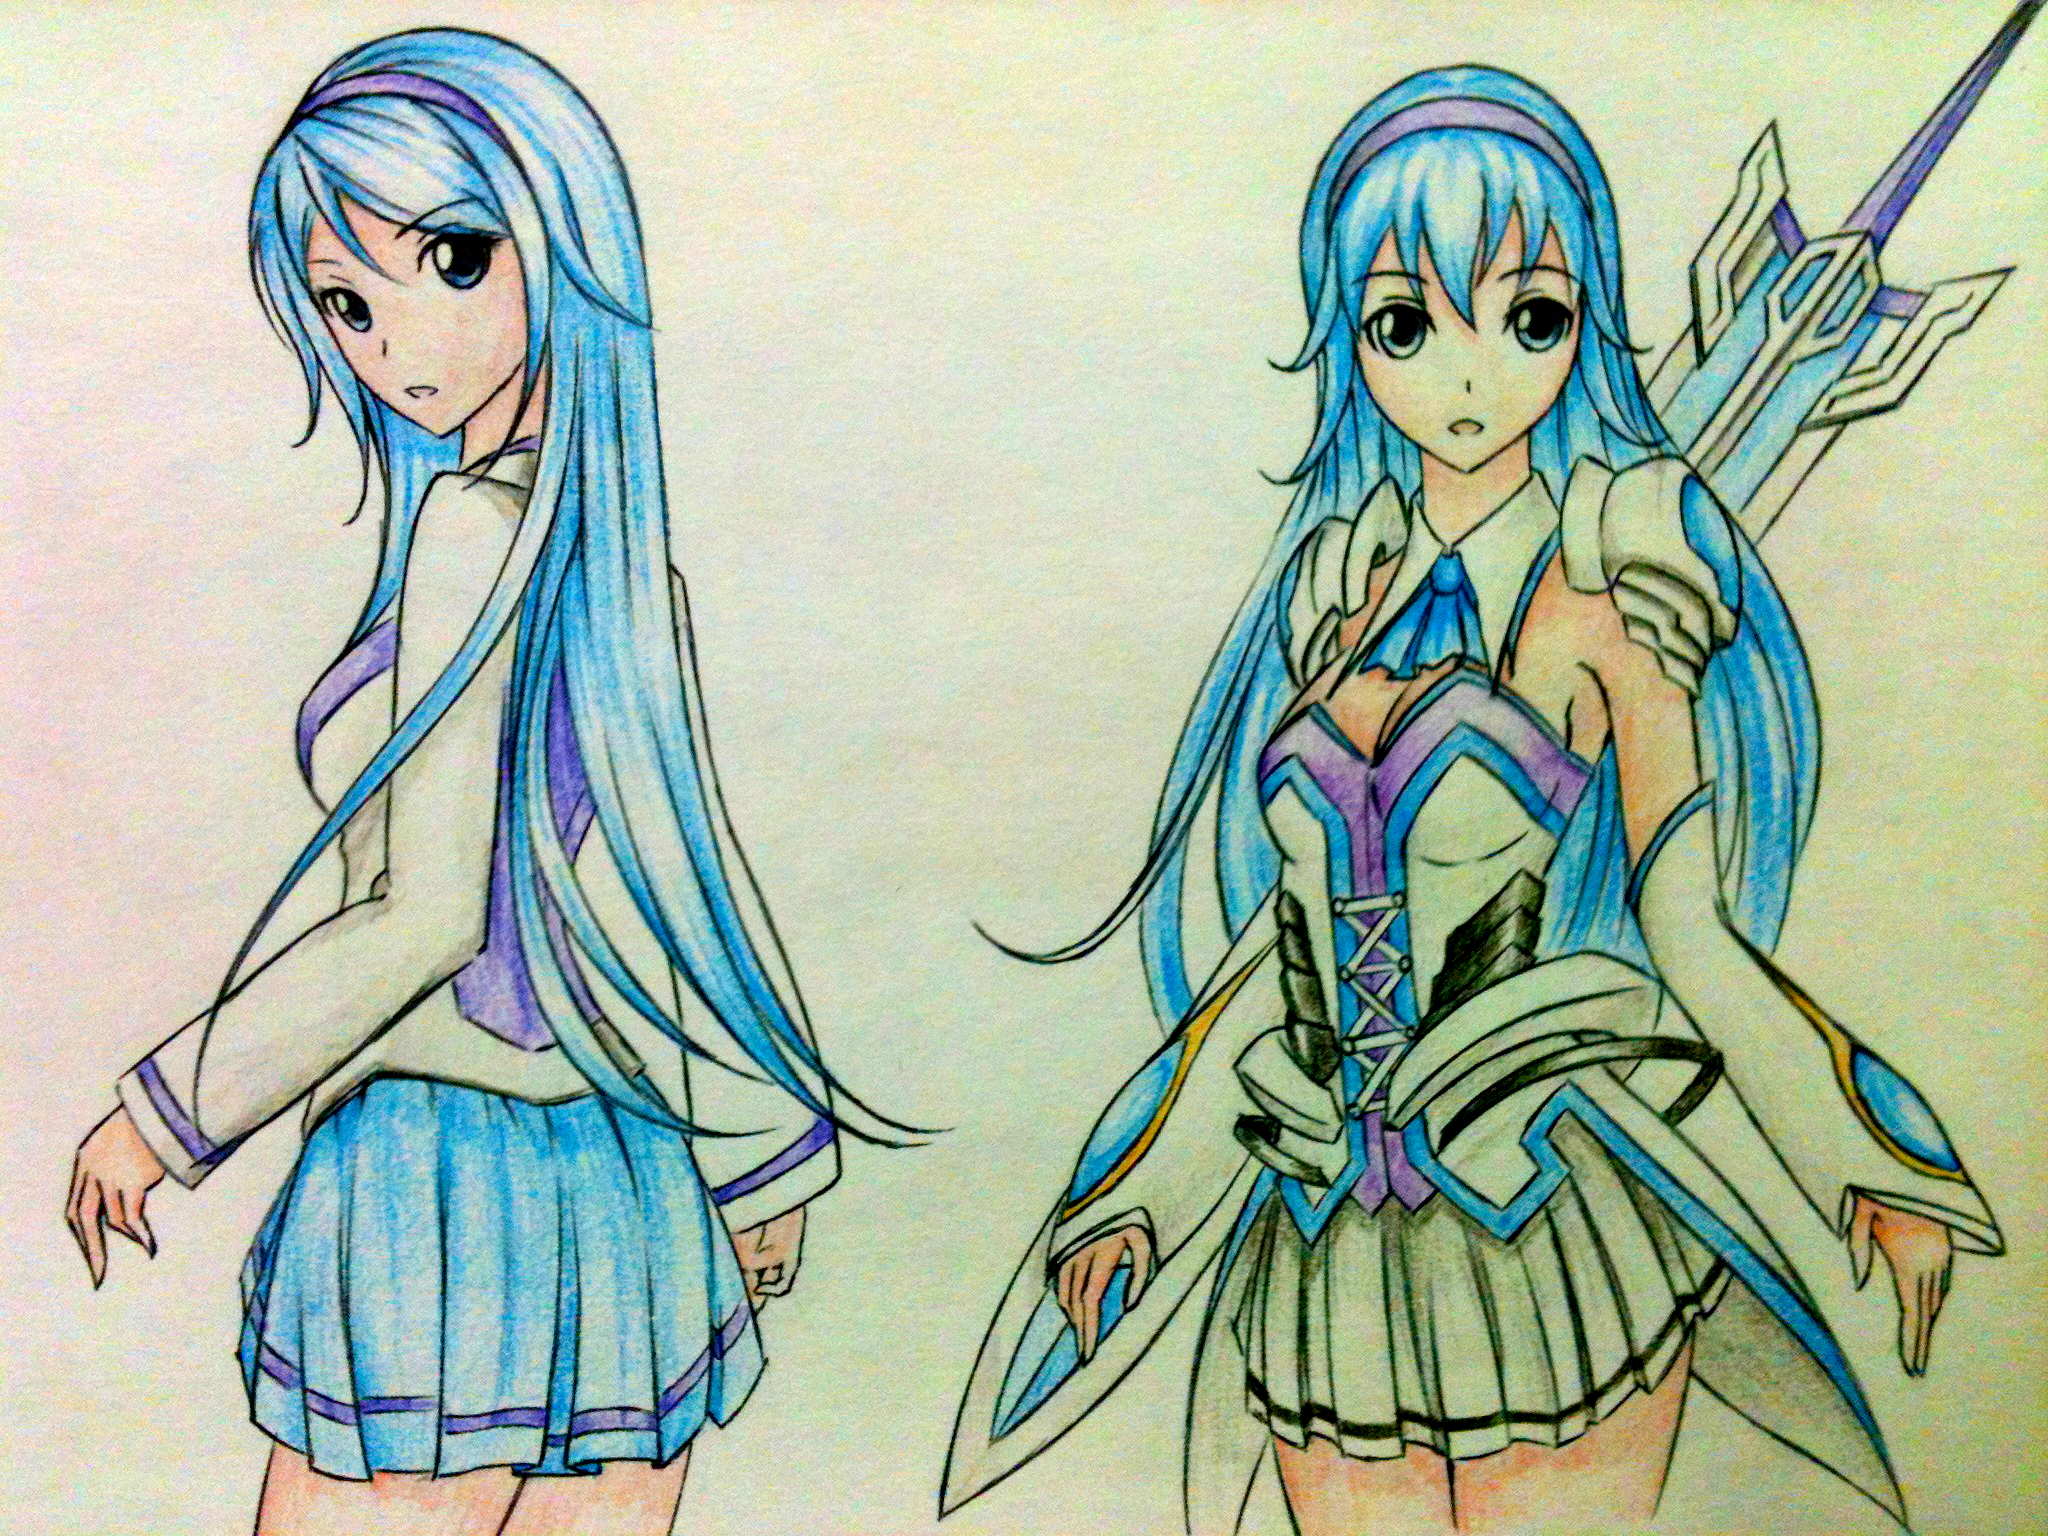 Anime girl - Resona by ztgong